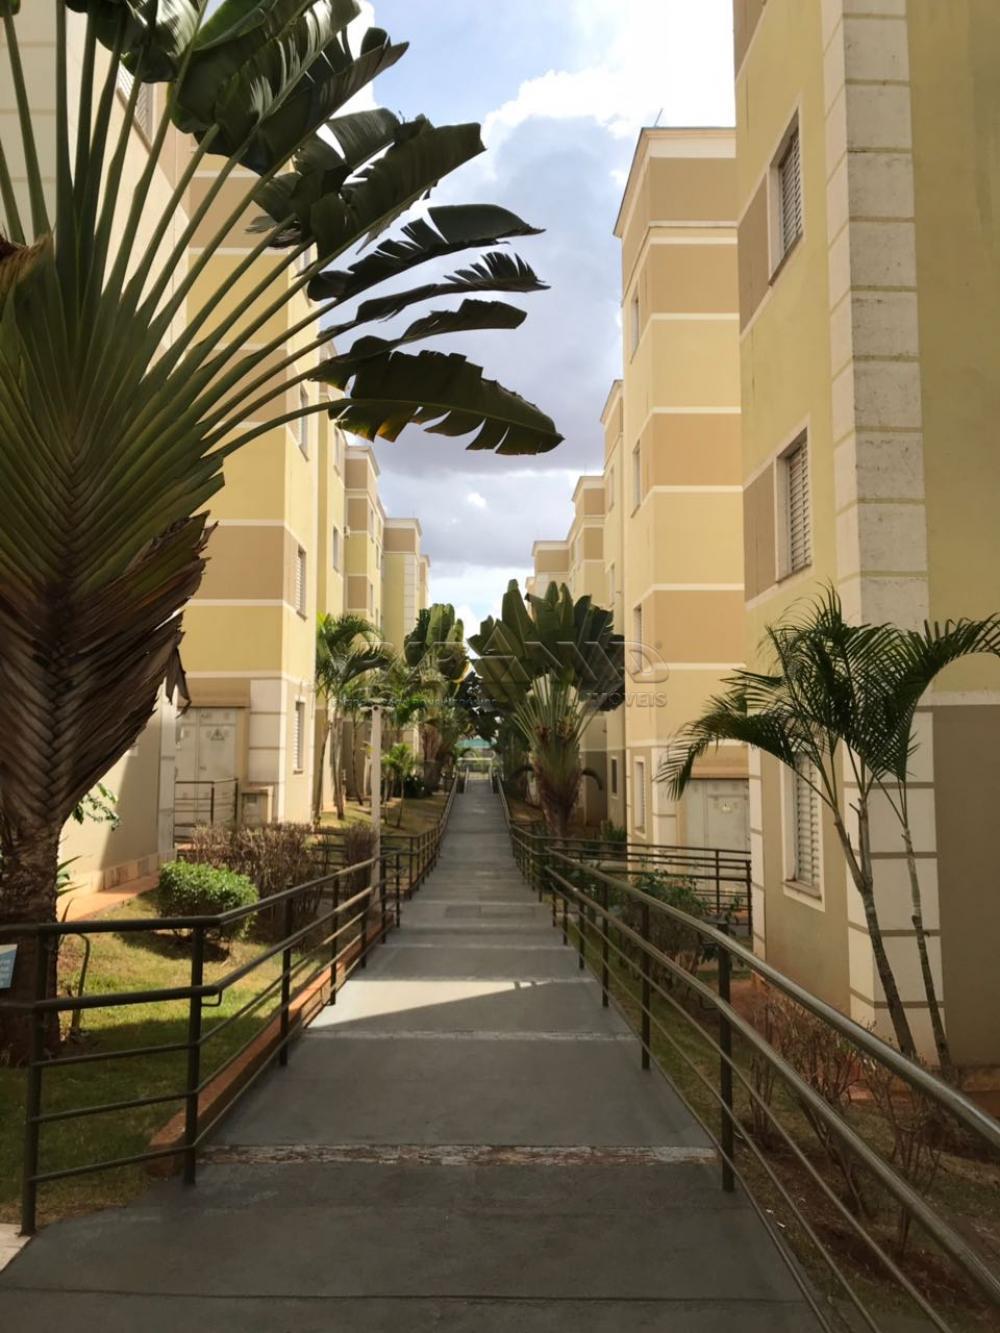 Comprar Apartamento / Padrão em Ribeirão Preto apenas R$ 180.000,00 - Foto 20